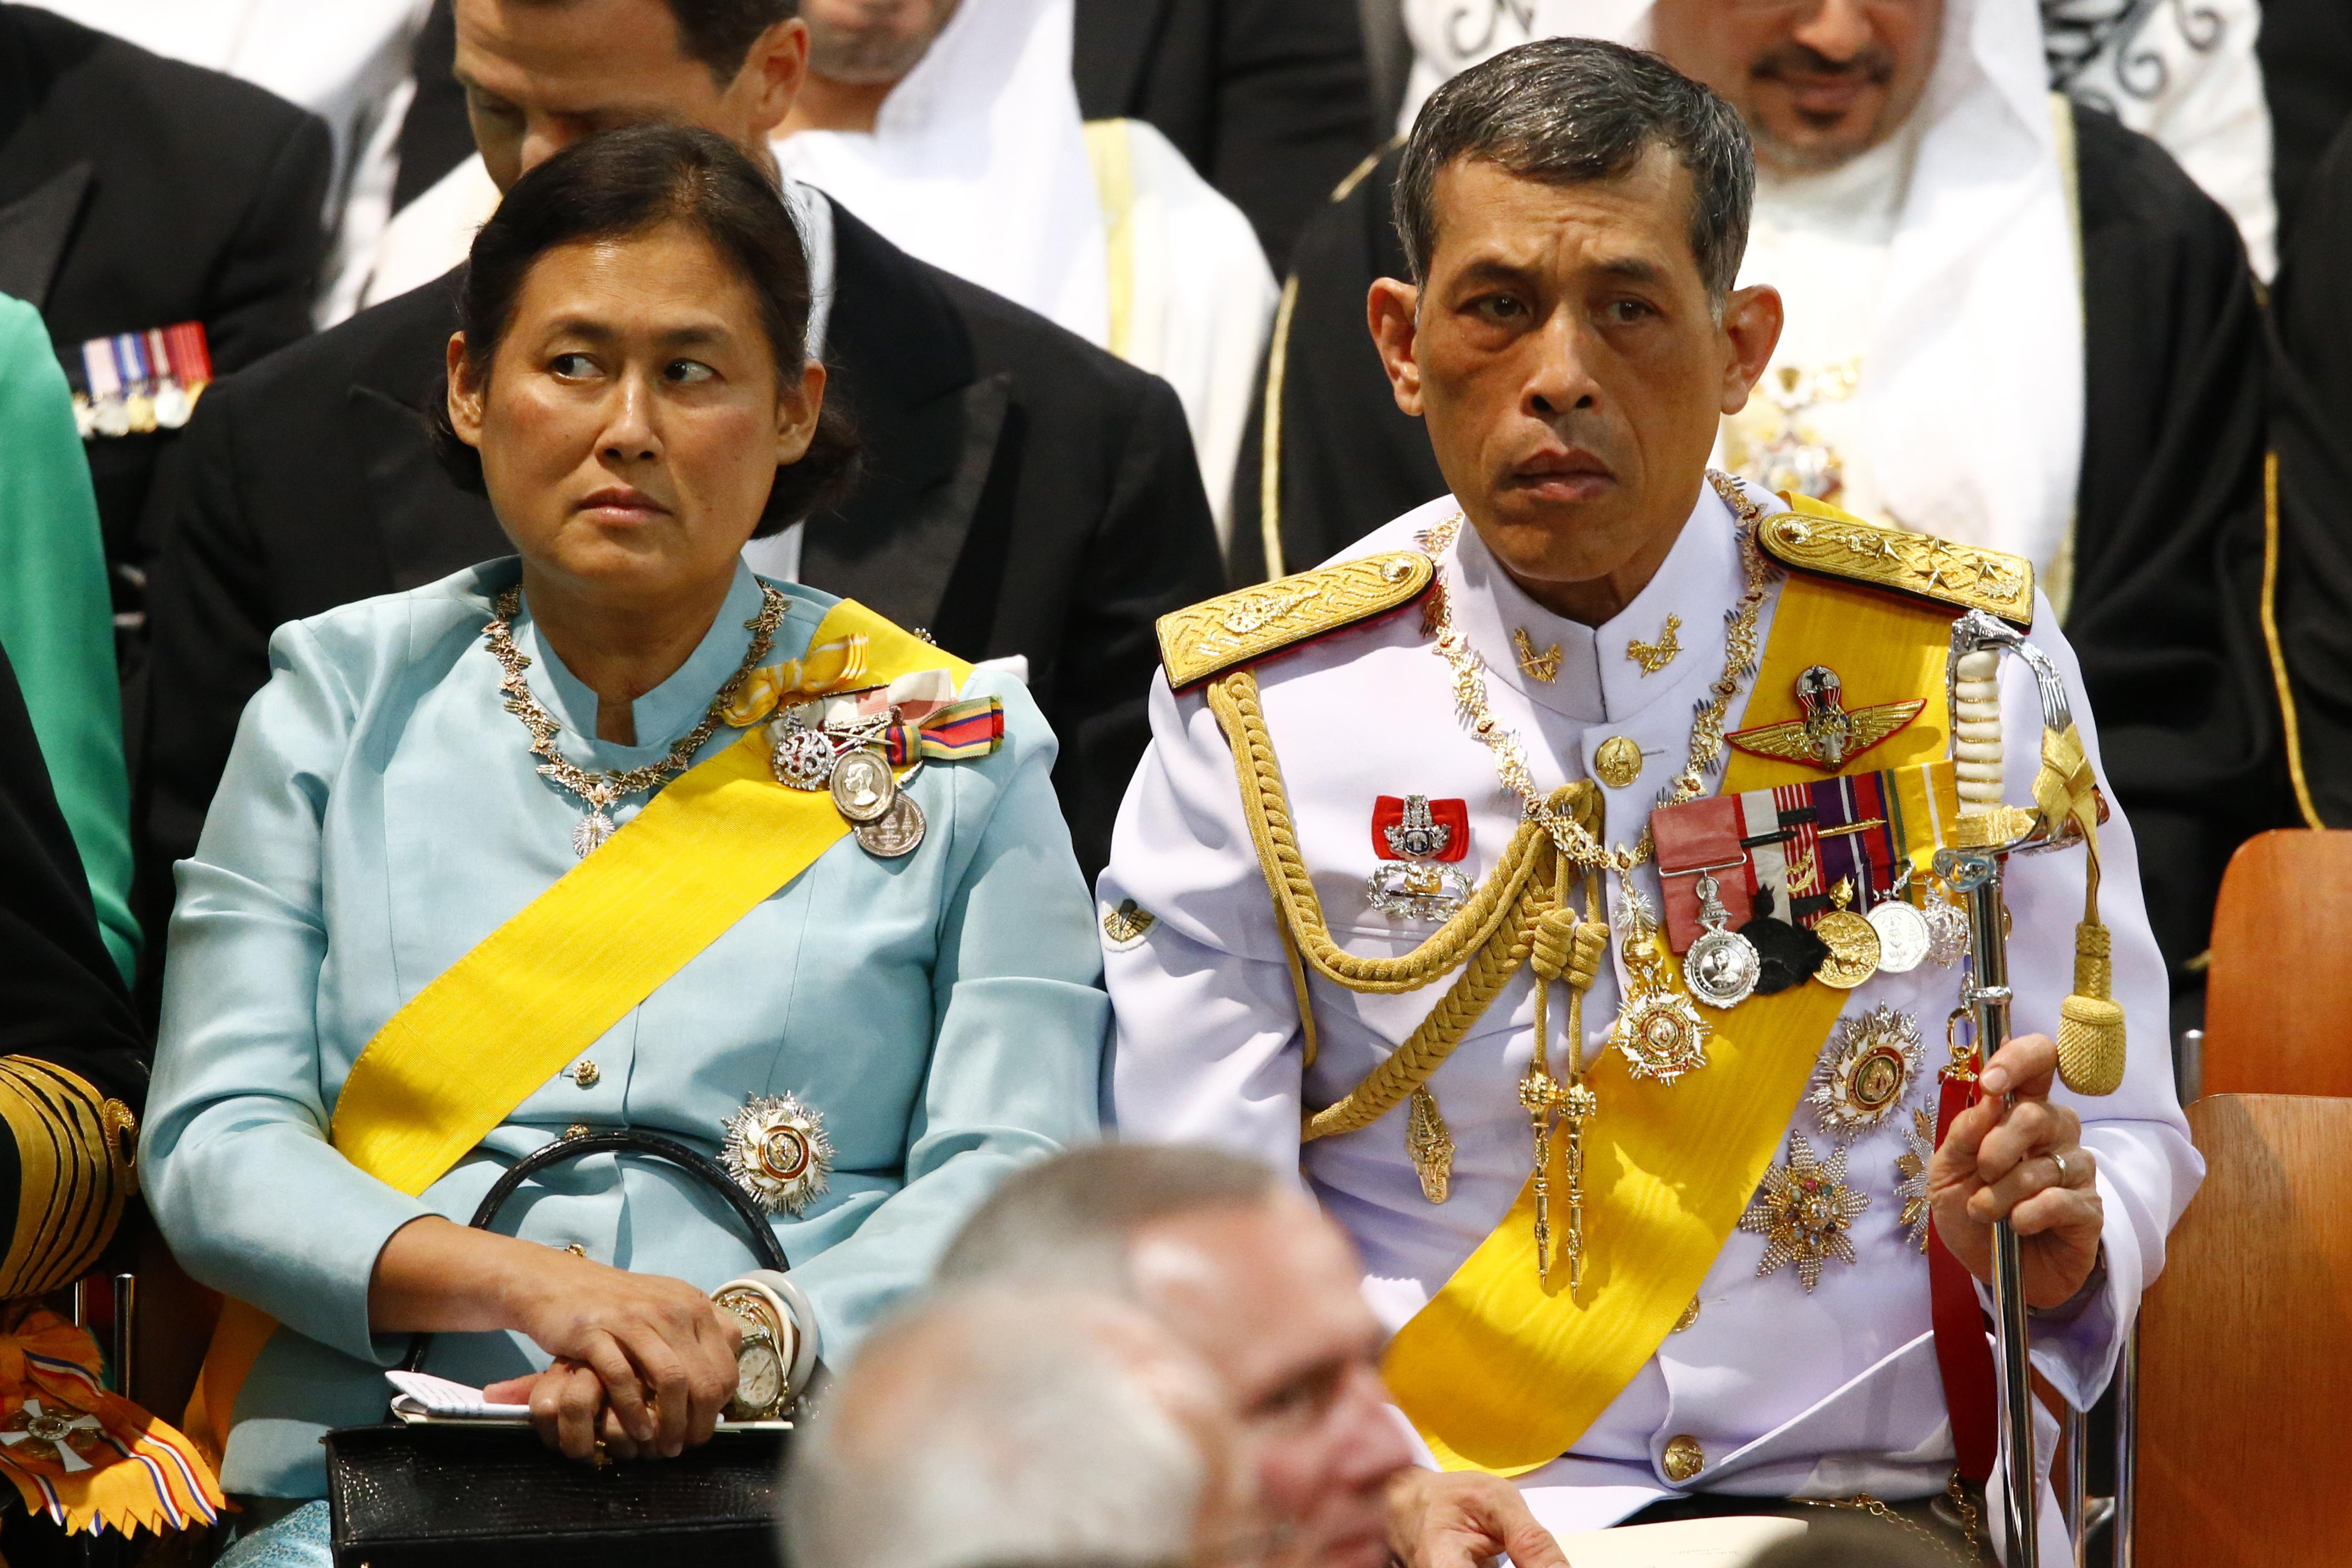 Prințul Maha, alături de sora lui, prințesa Maha Chakri Sirindhorn, pe care oamenii și-ar dori-o pe tron